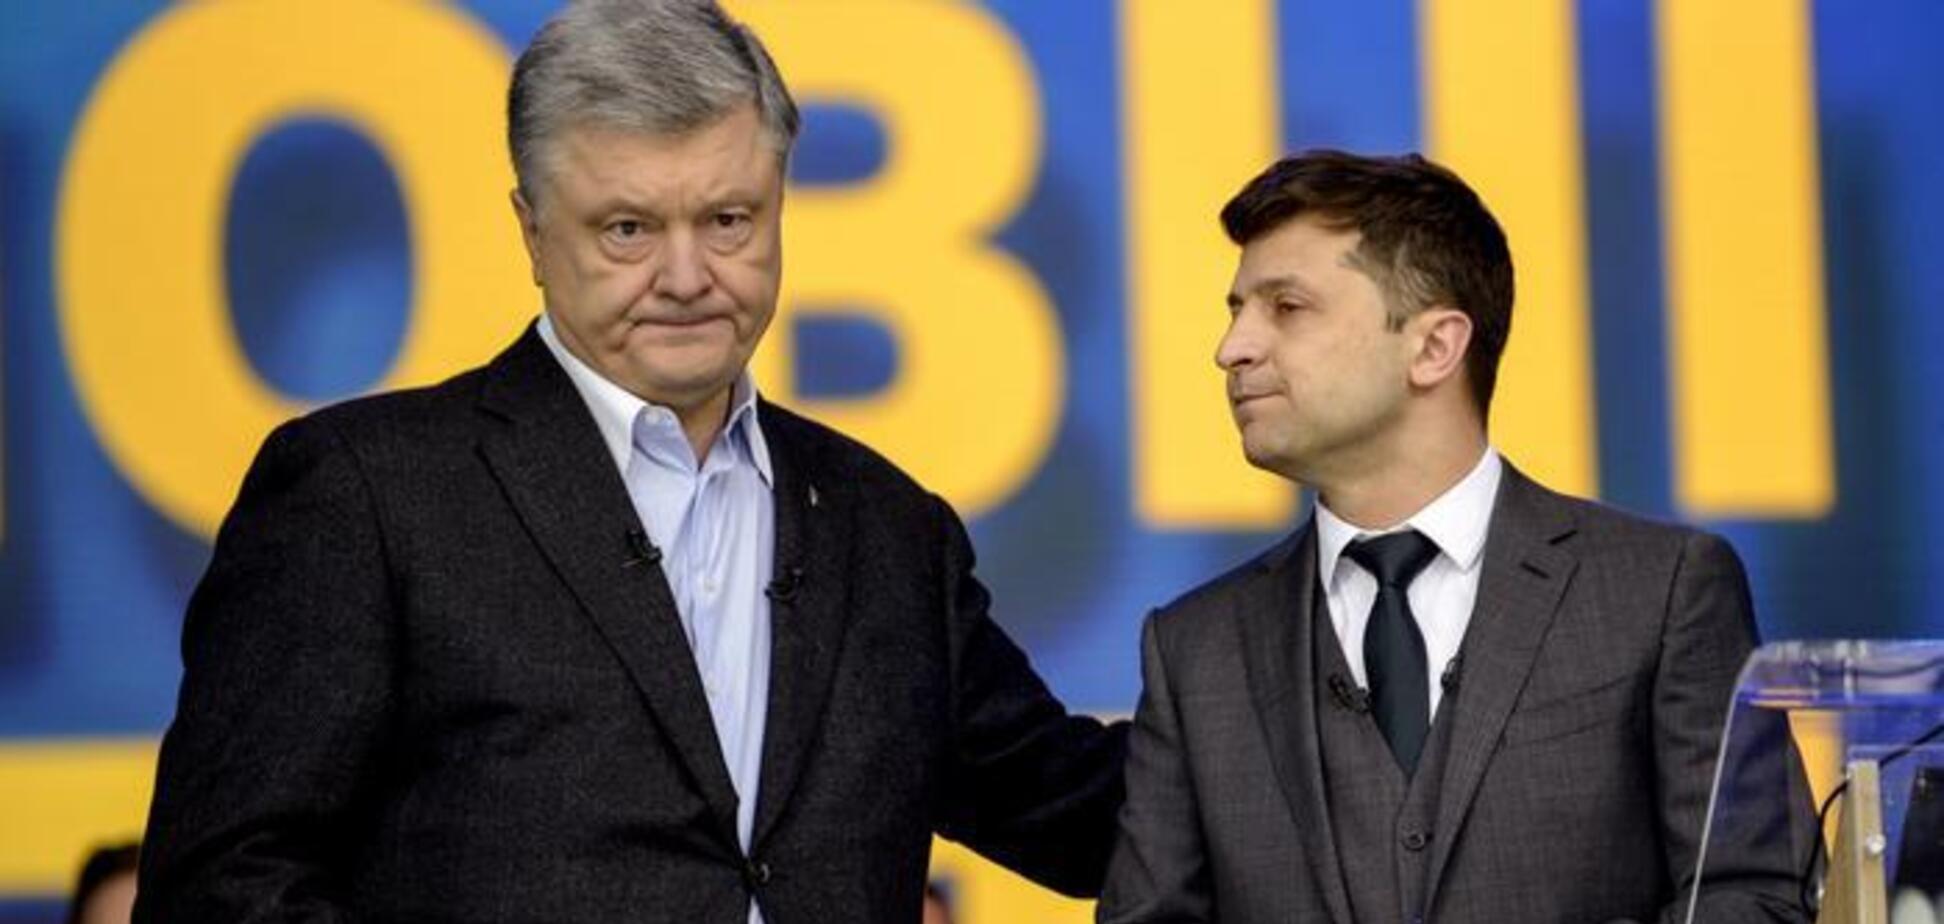 'Запросити Зеленського': Гриценко звернувся до Порошенка через видачу в 'Л/ДНР' паспортів РФ